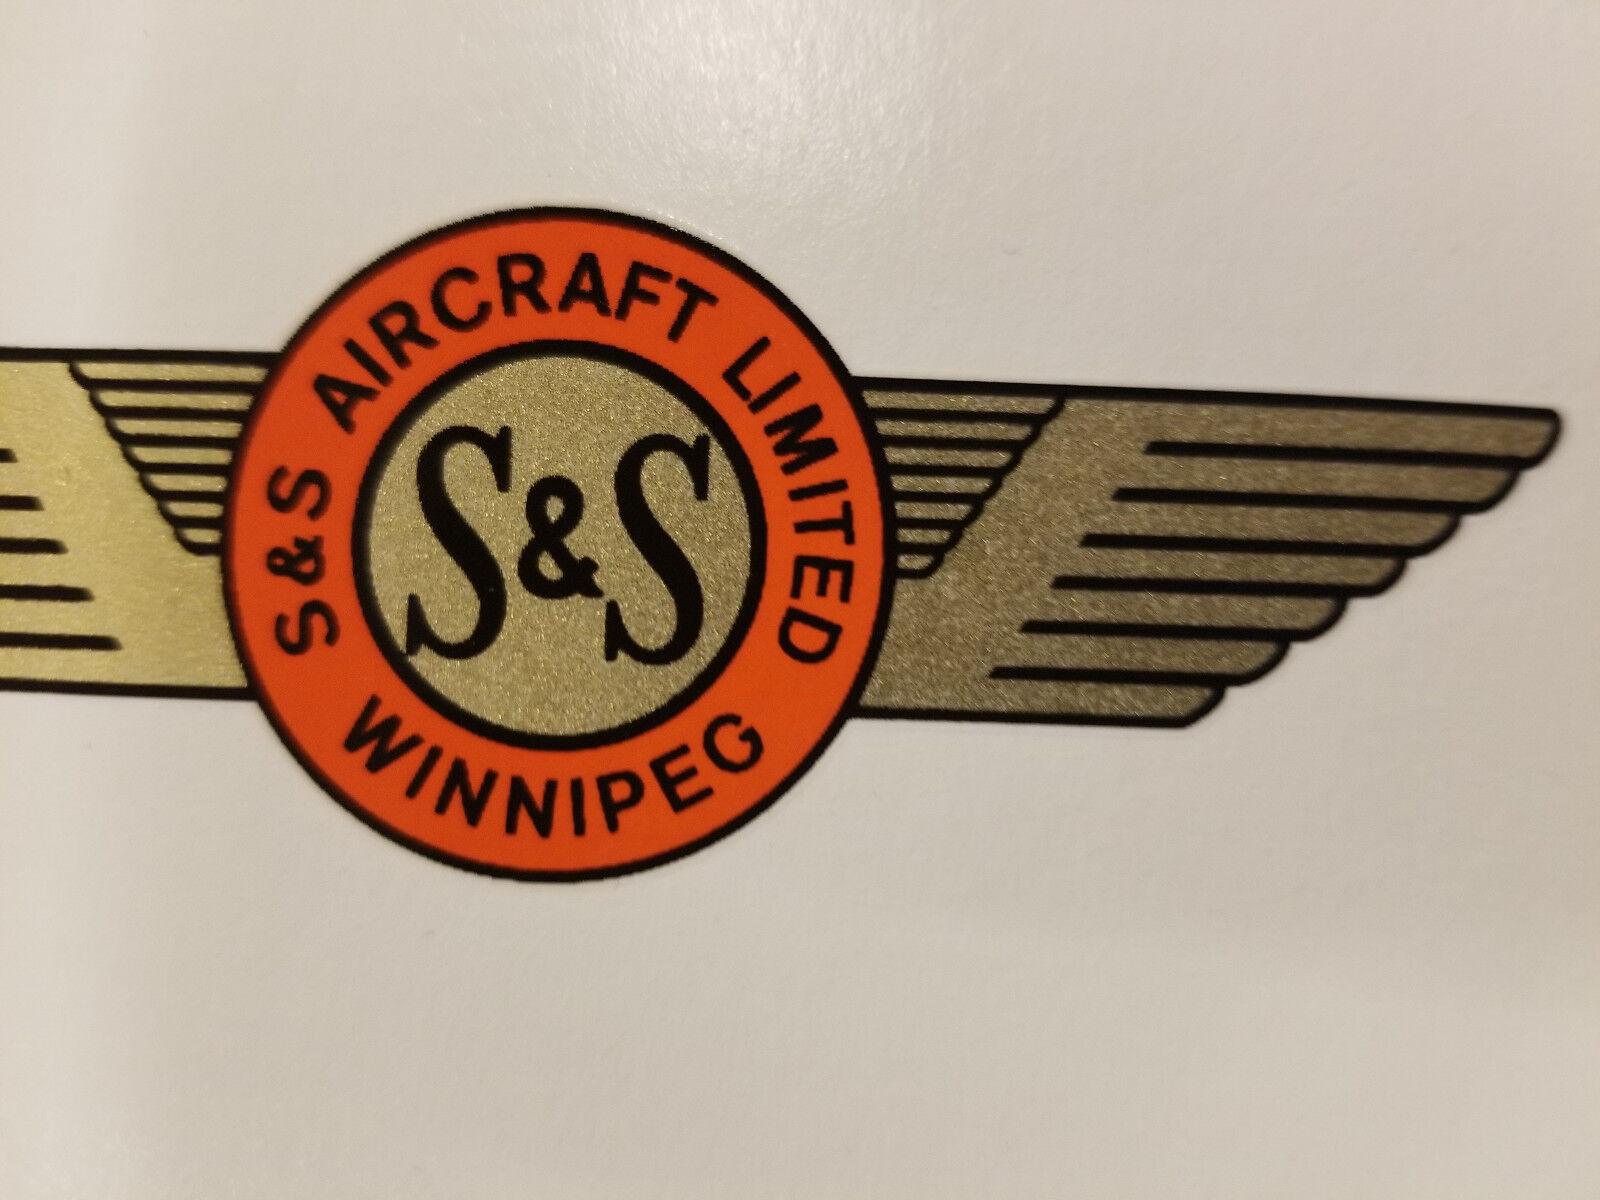 S & S AIRCRAFT Propeller Wasserrutsche Aufkleber Aufkleber Aufkleber Set 1940s - 1950s Drohne 81572a